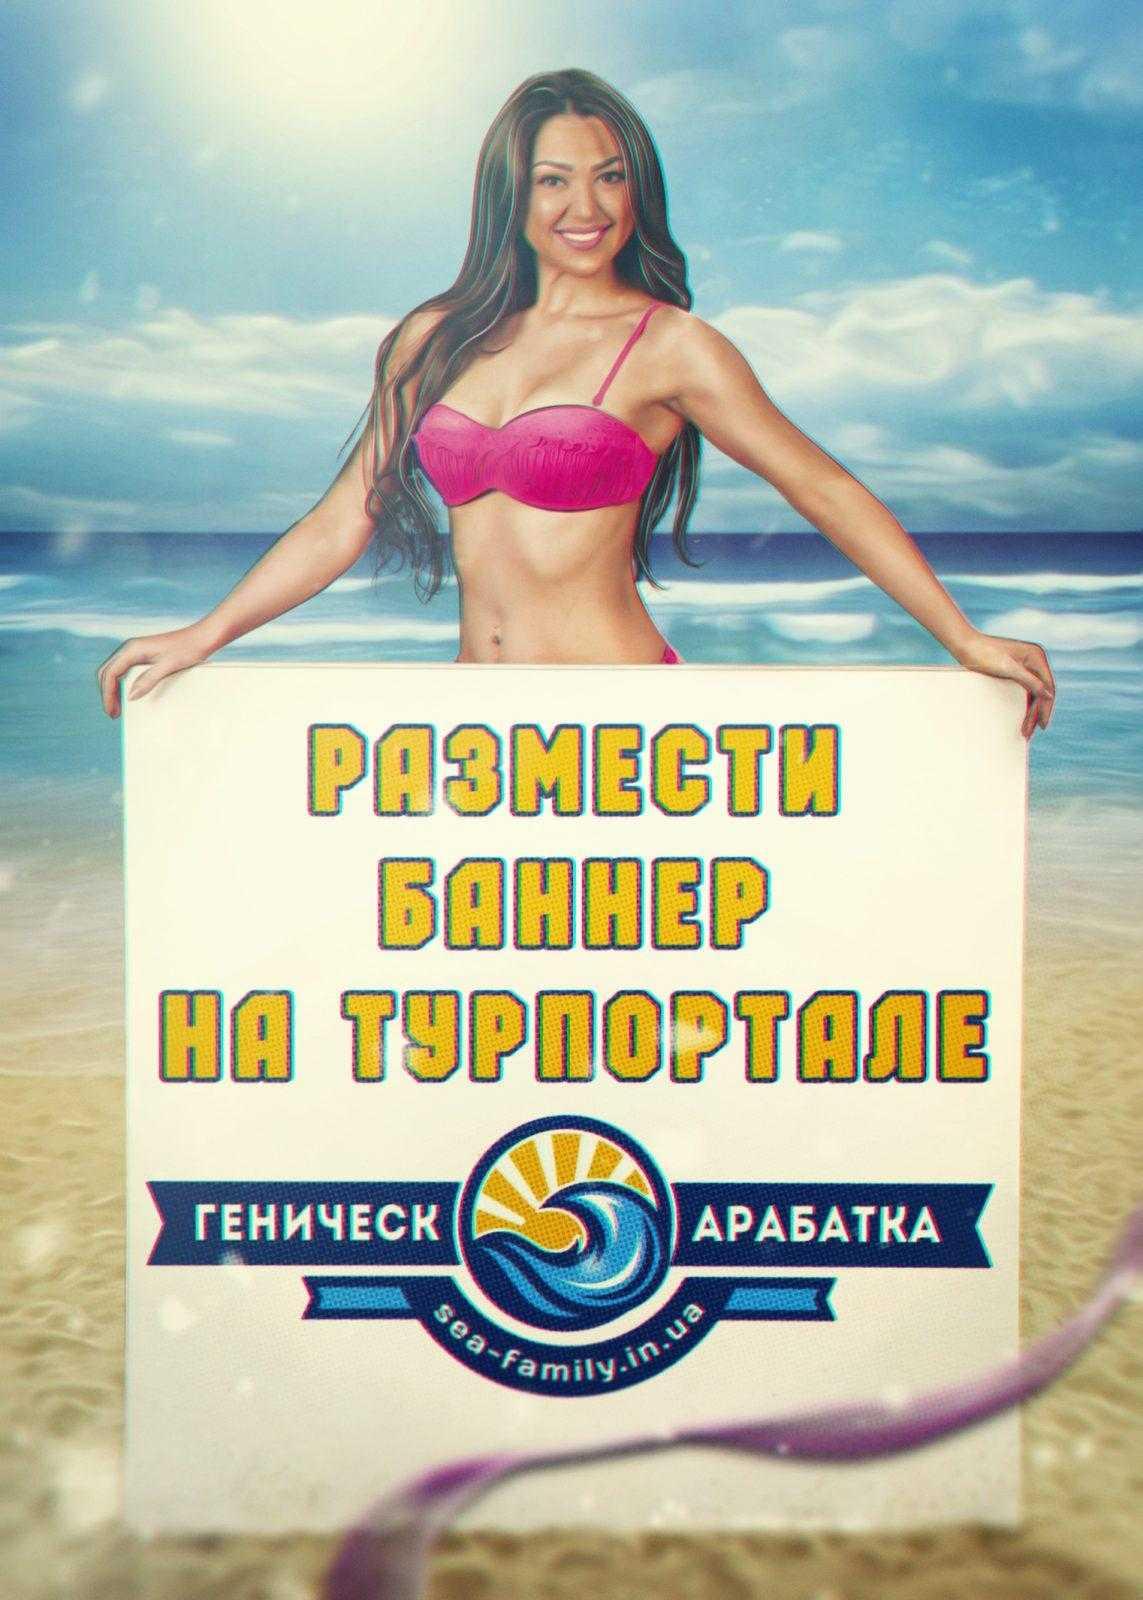 Отдых на Арабатской стрелке без посредников с sea-family.in.ua